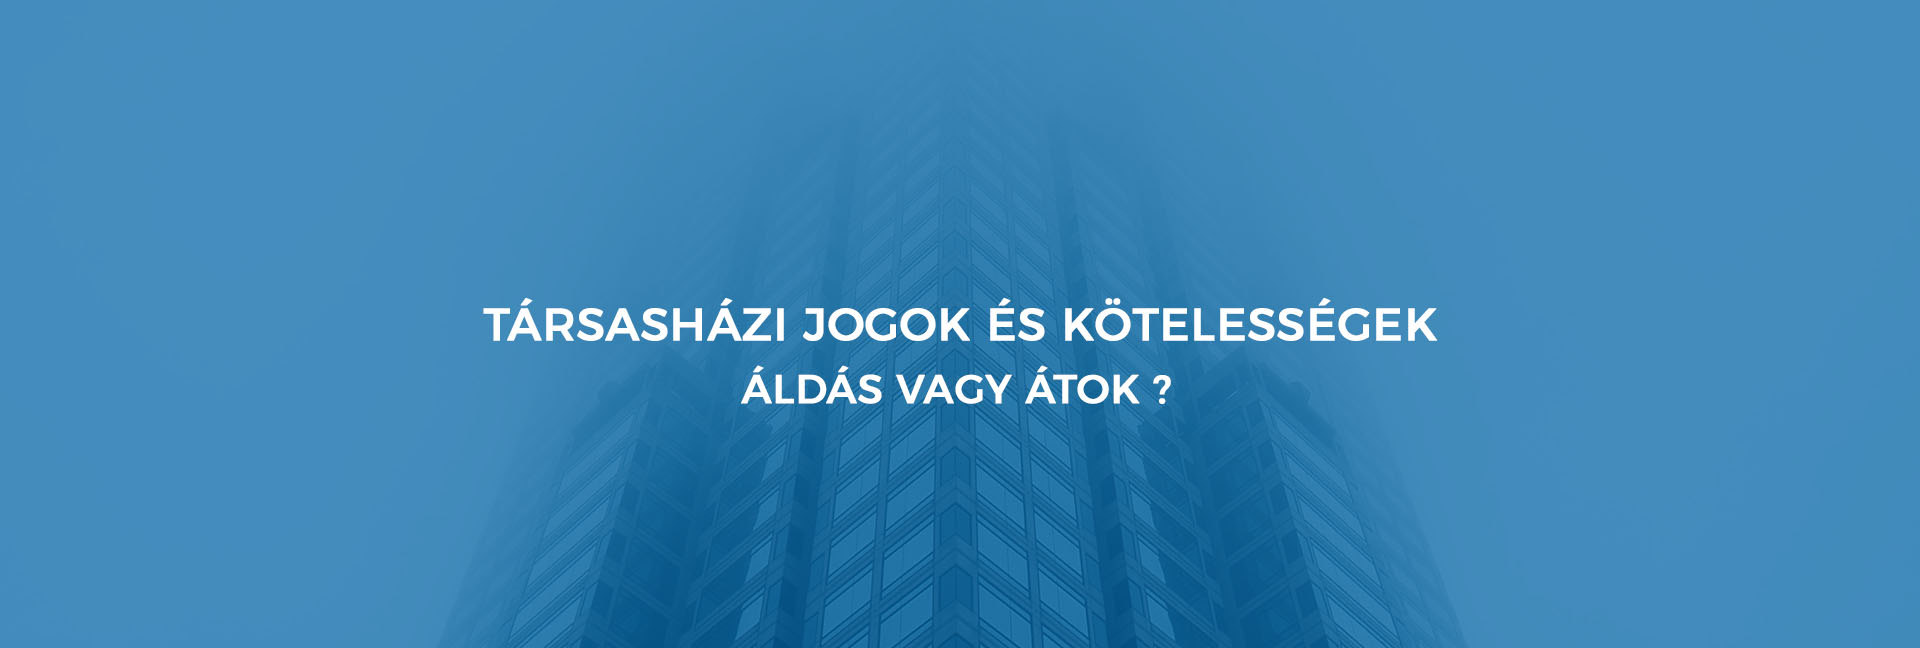 4acd1291fb22 Társasházi jogok és kötelességek – áldás vagy átok? | drujvary.hu